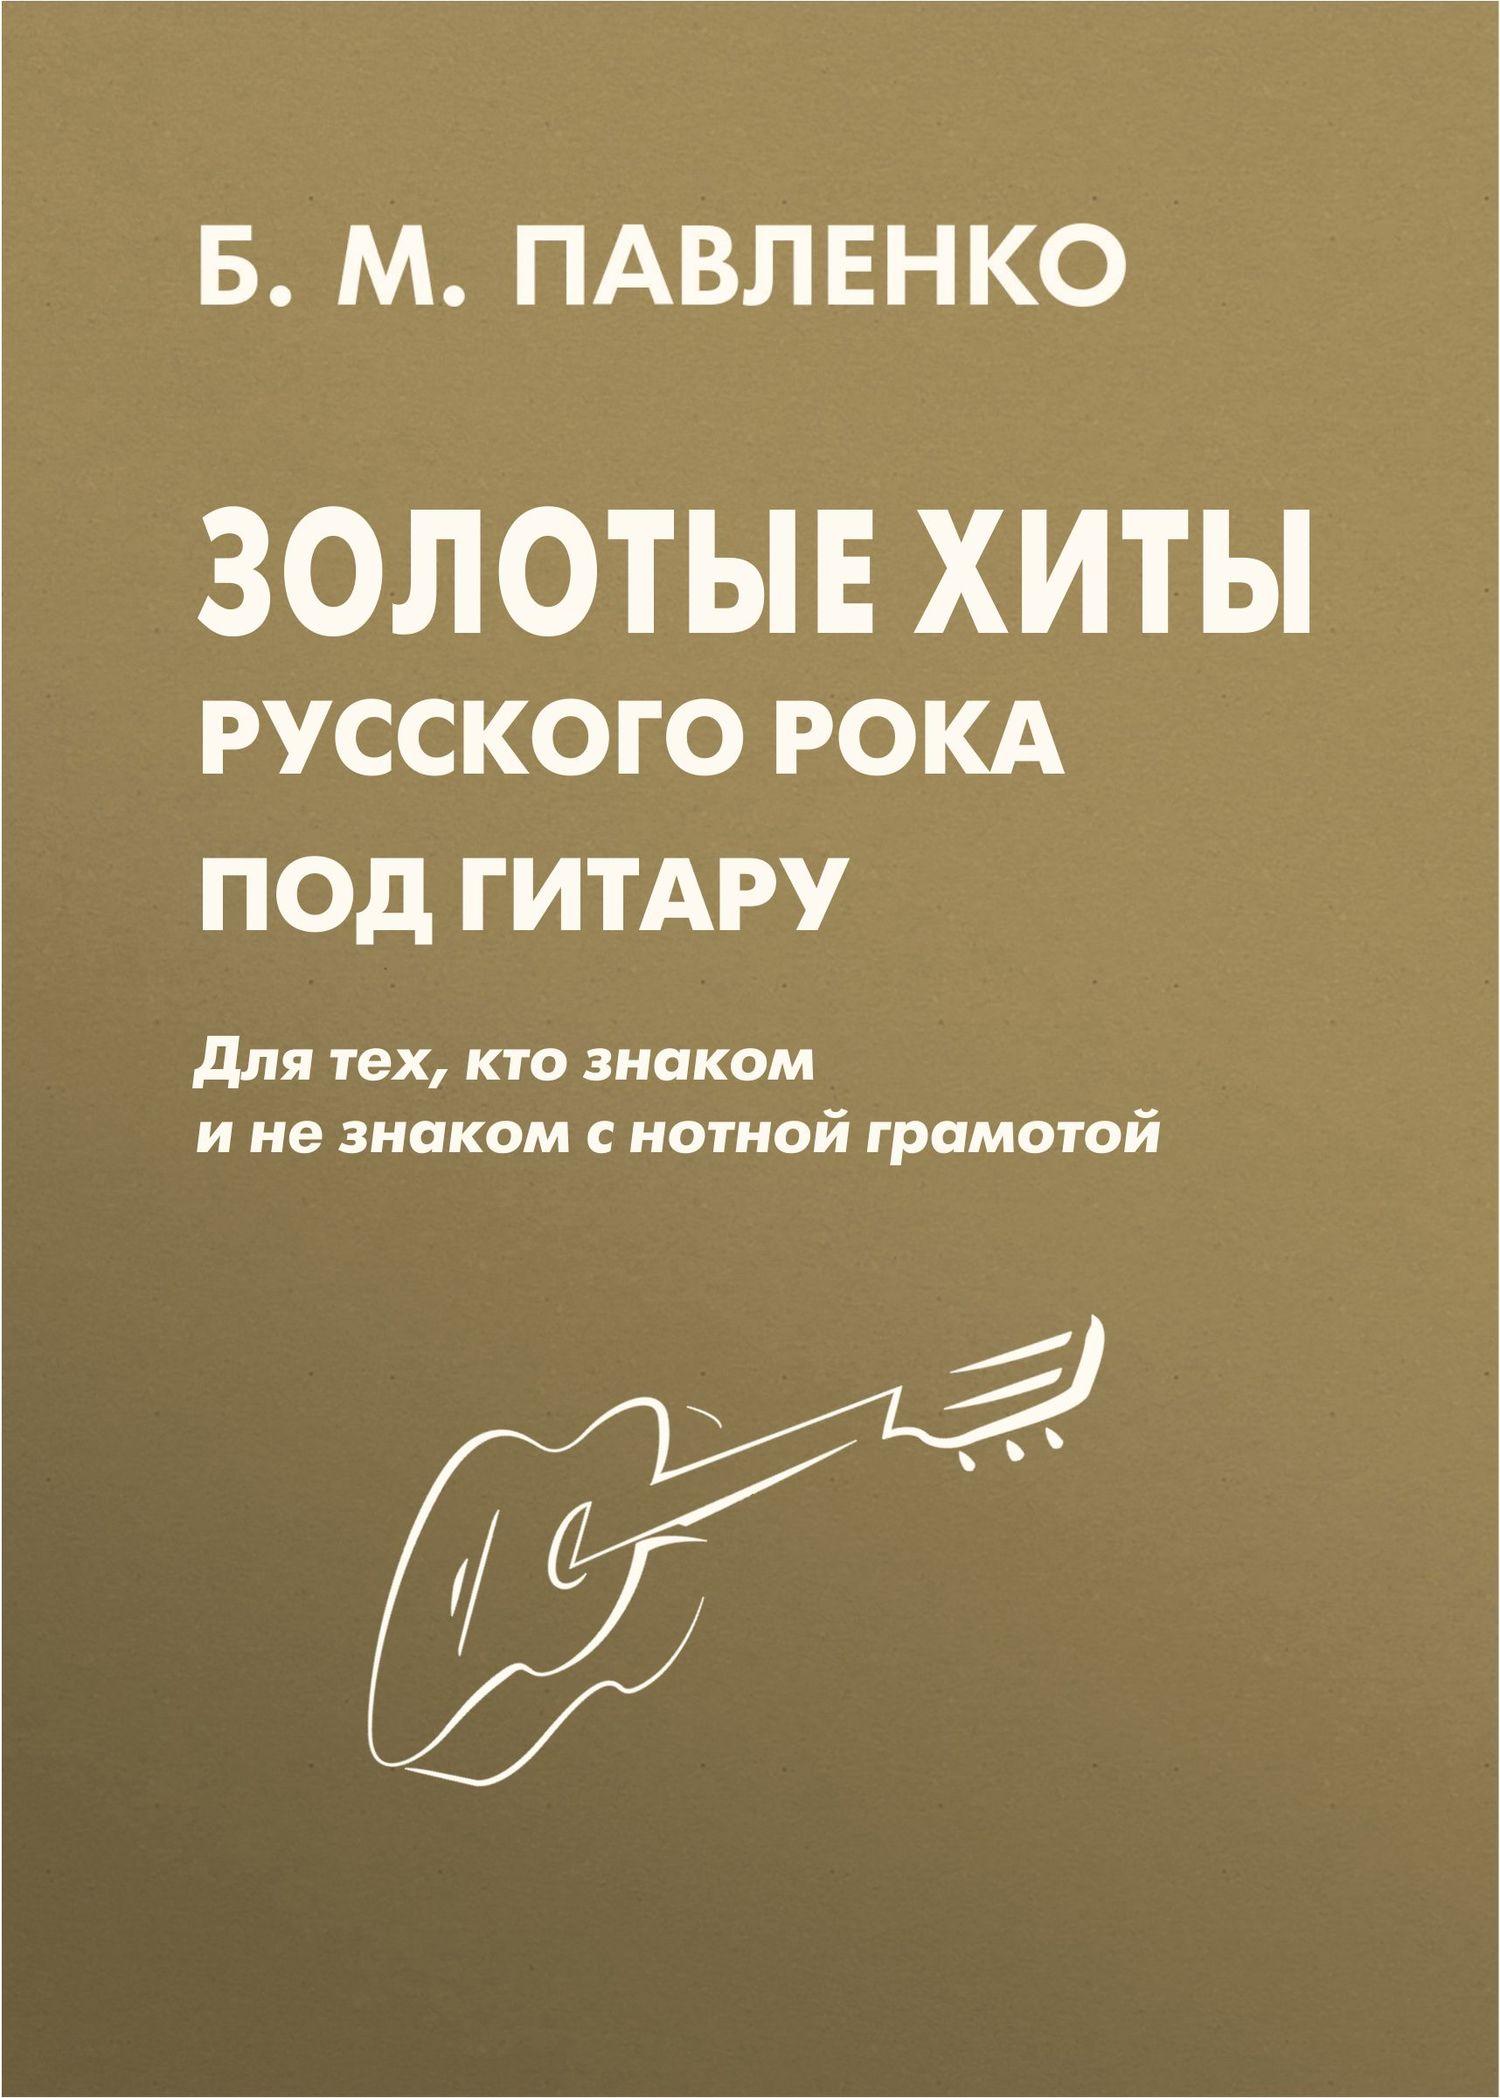 Б. М. Павленко Золотые хиты русского рока под гитару. Для тех, кто знаком и не знаком с нотной грамотой бас гитару бу в нижнем новгороди